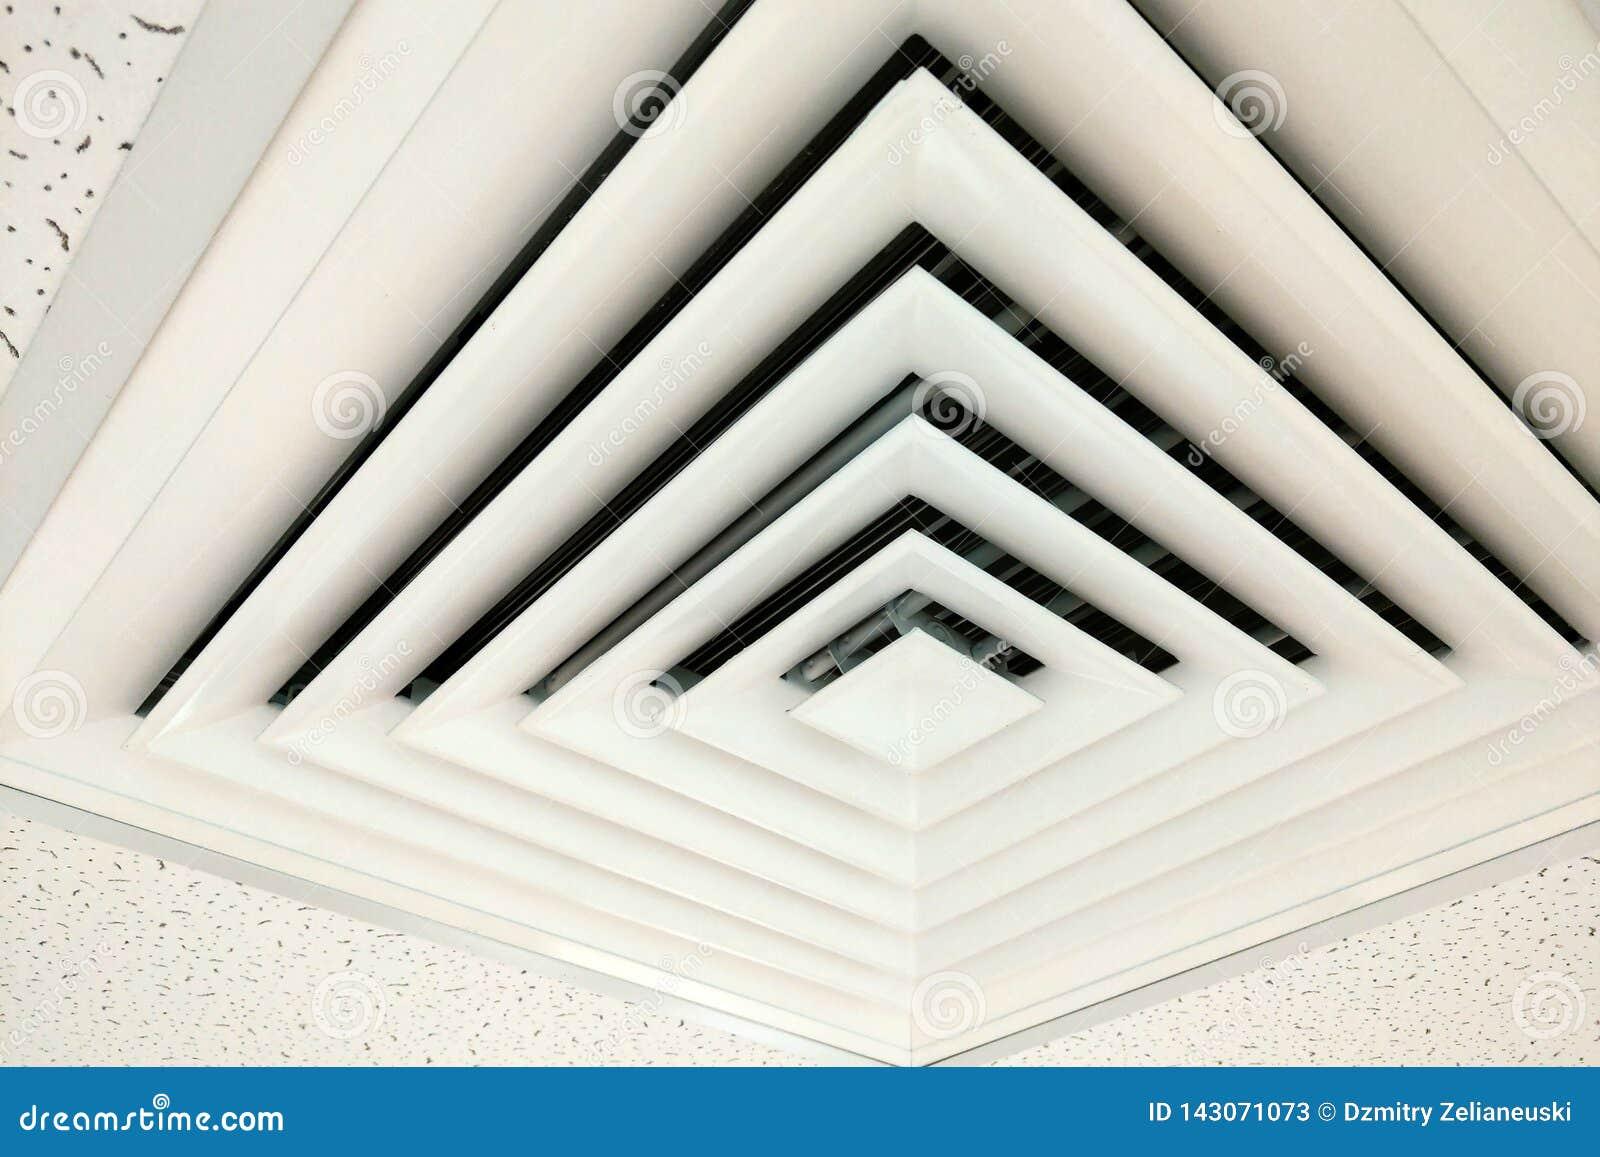 在方形的形状的空气管道,适应的热化的输送管在一块修造的天花板